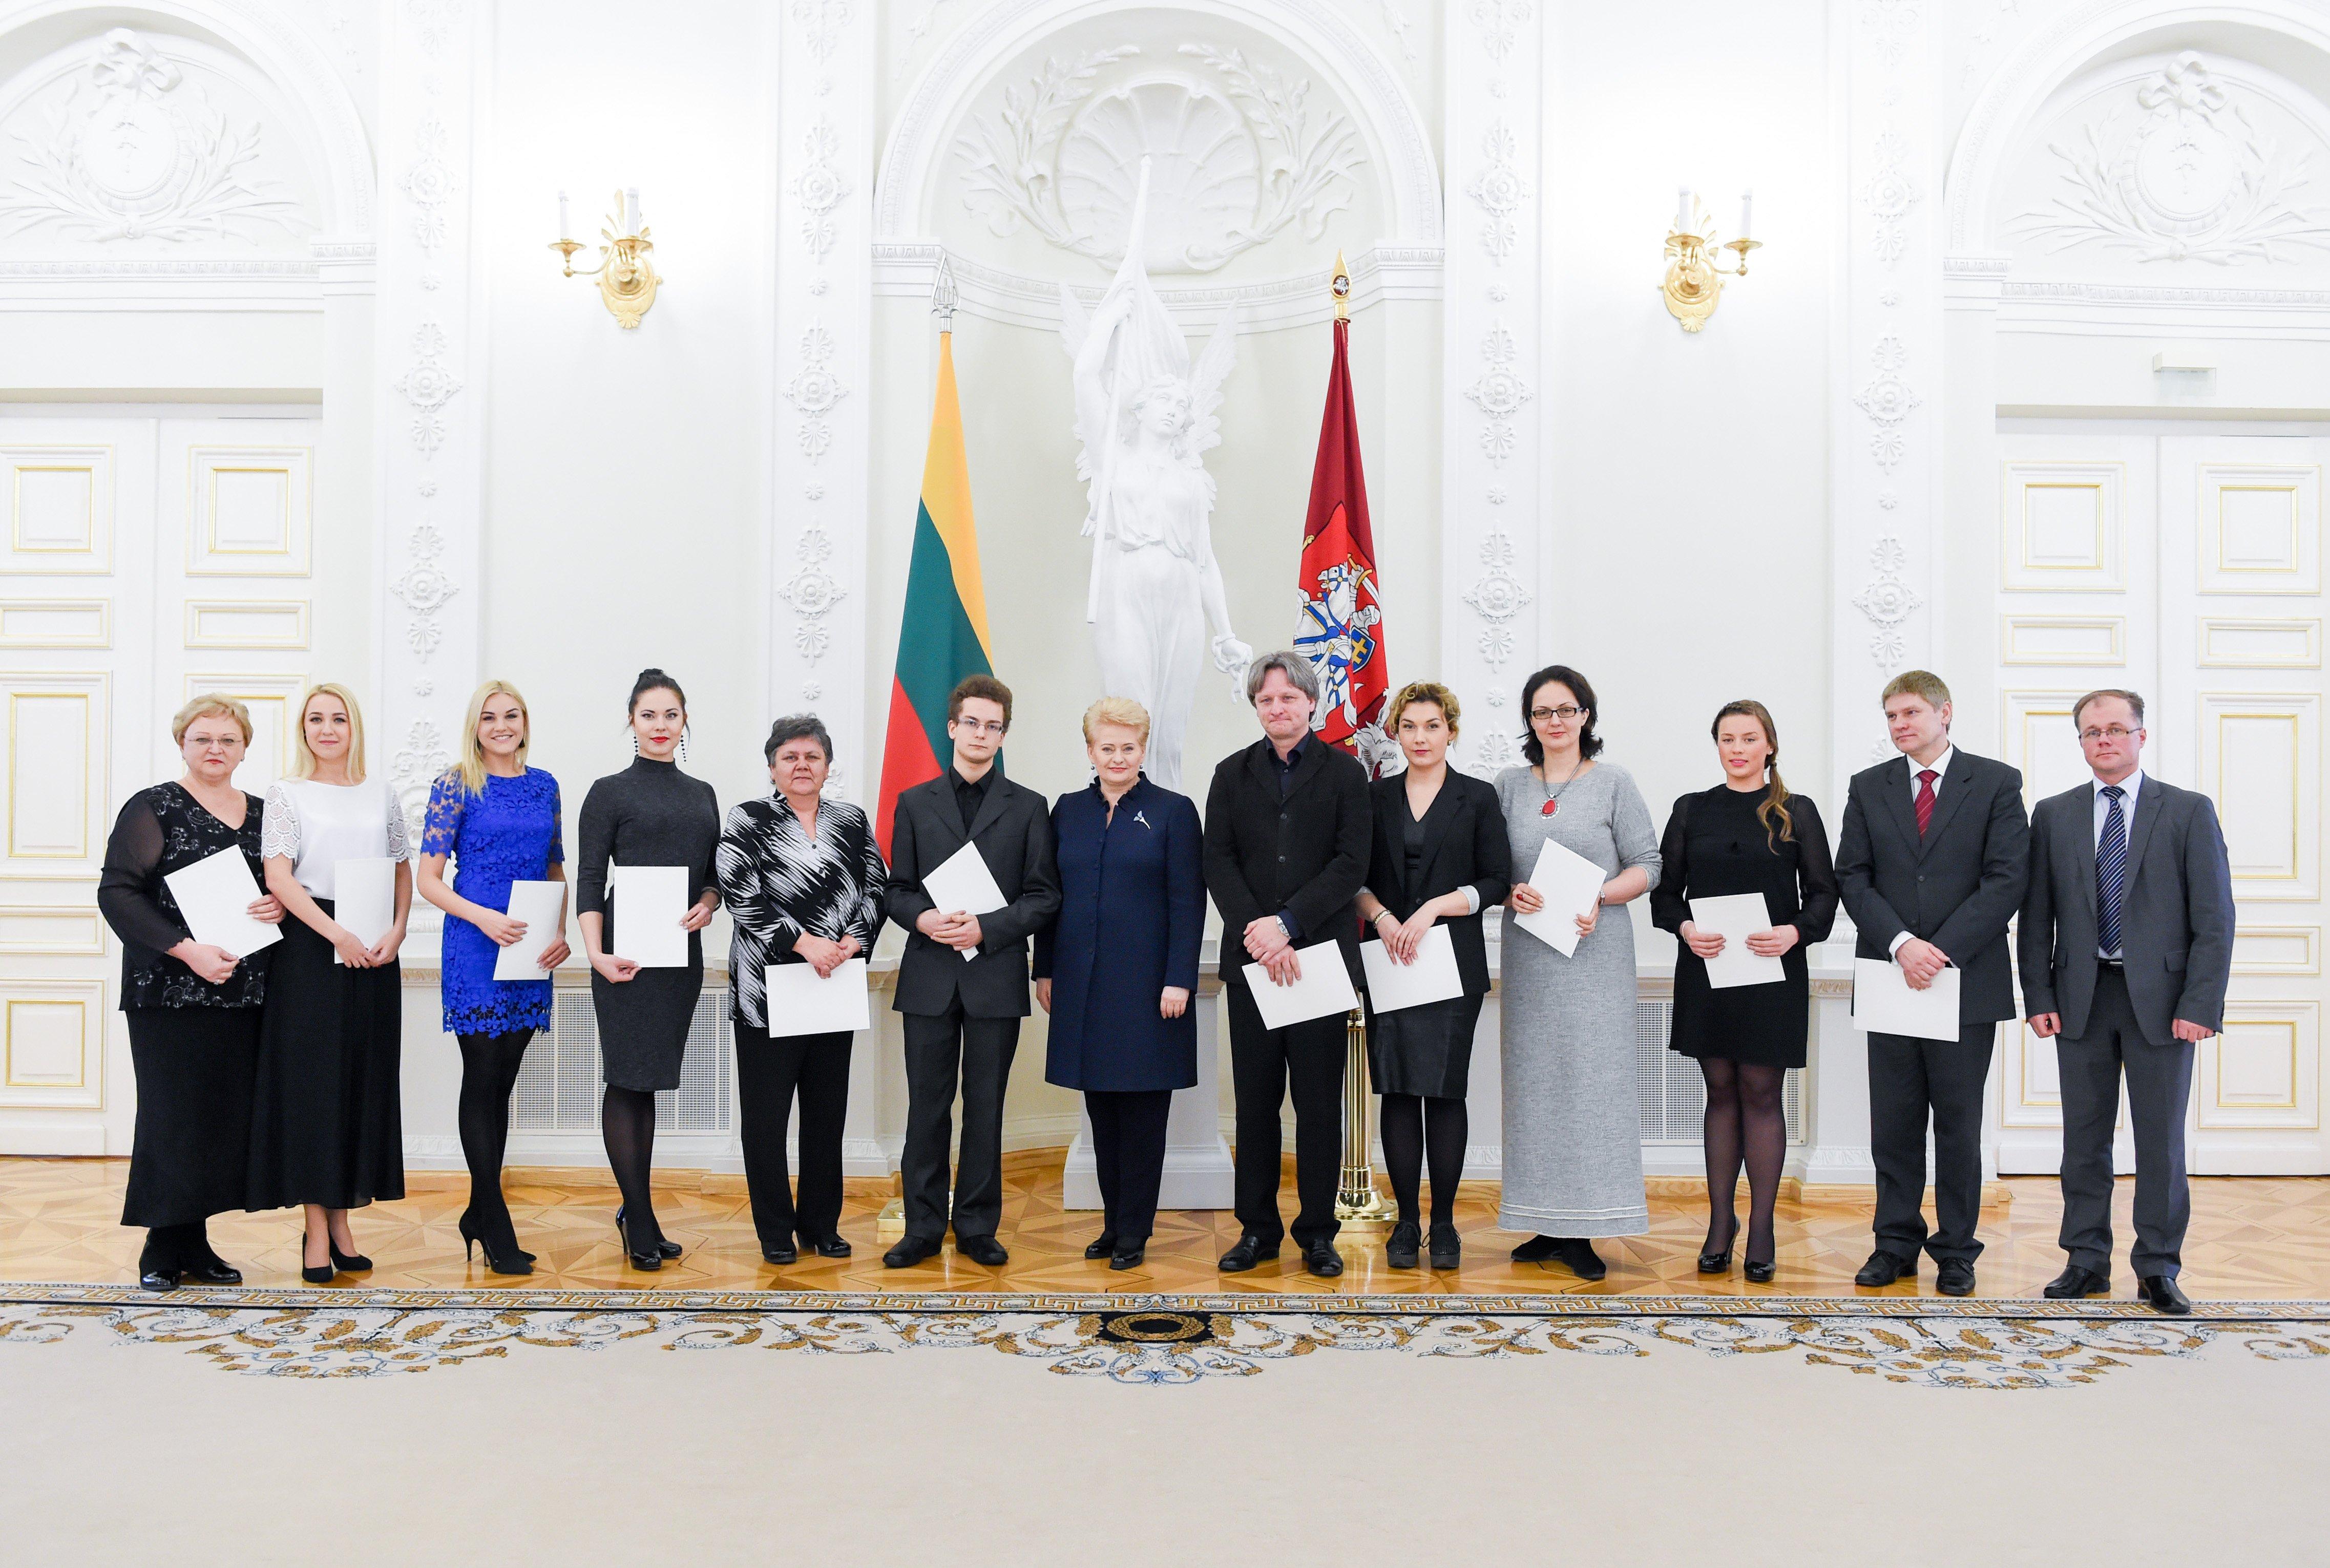 Prezidentė sveikina 2015 m. tarptautiniuose konkursuose aukščiausius apdovanojimus laimėjusius Lietuvos muzikus ir jų pedagogus.